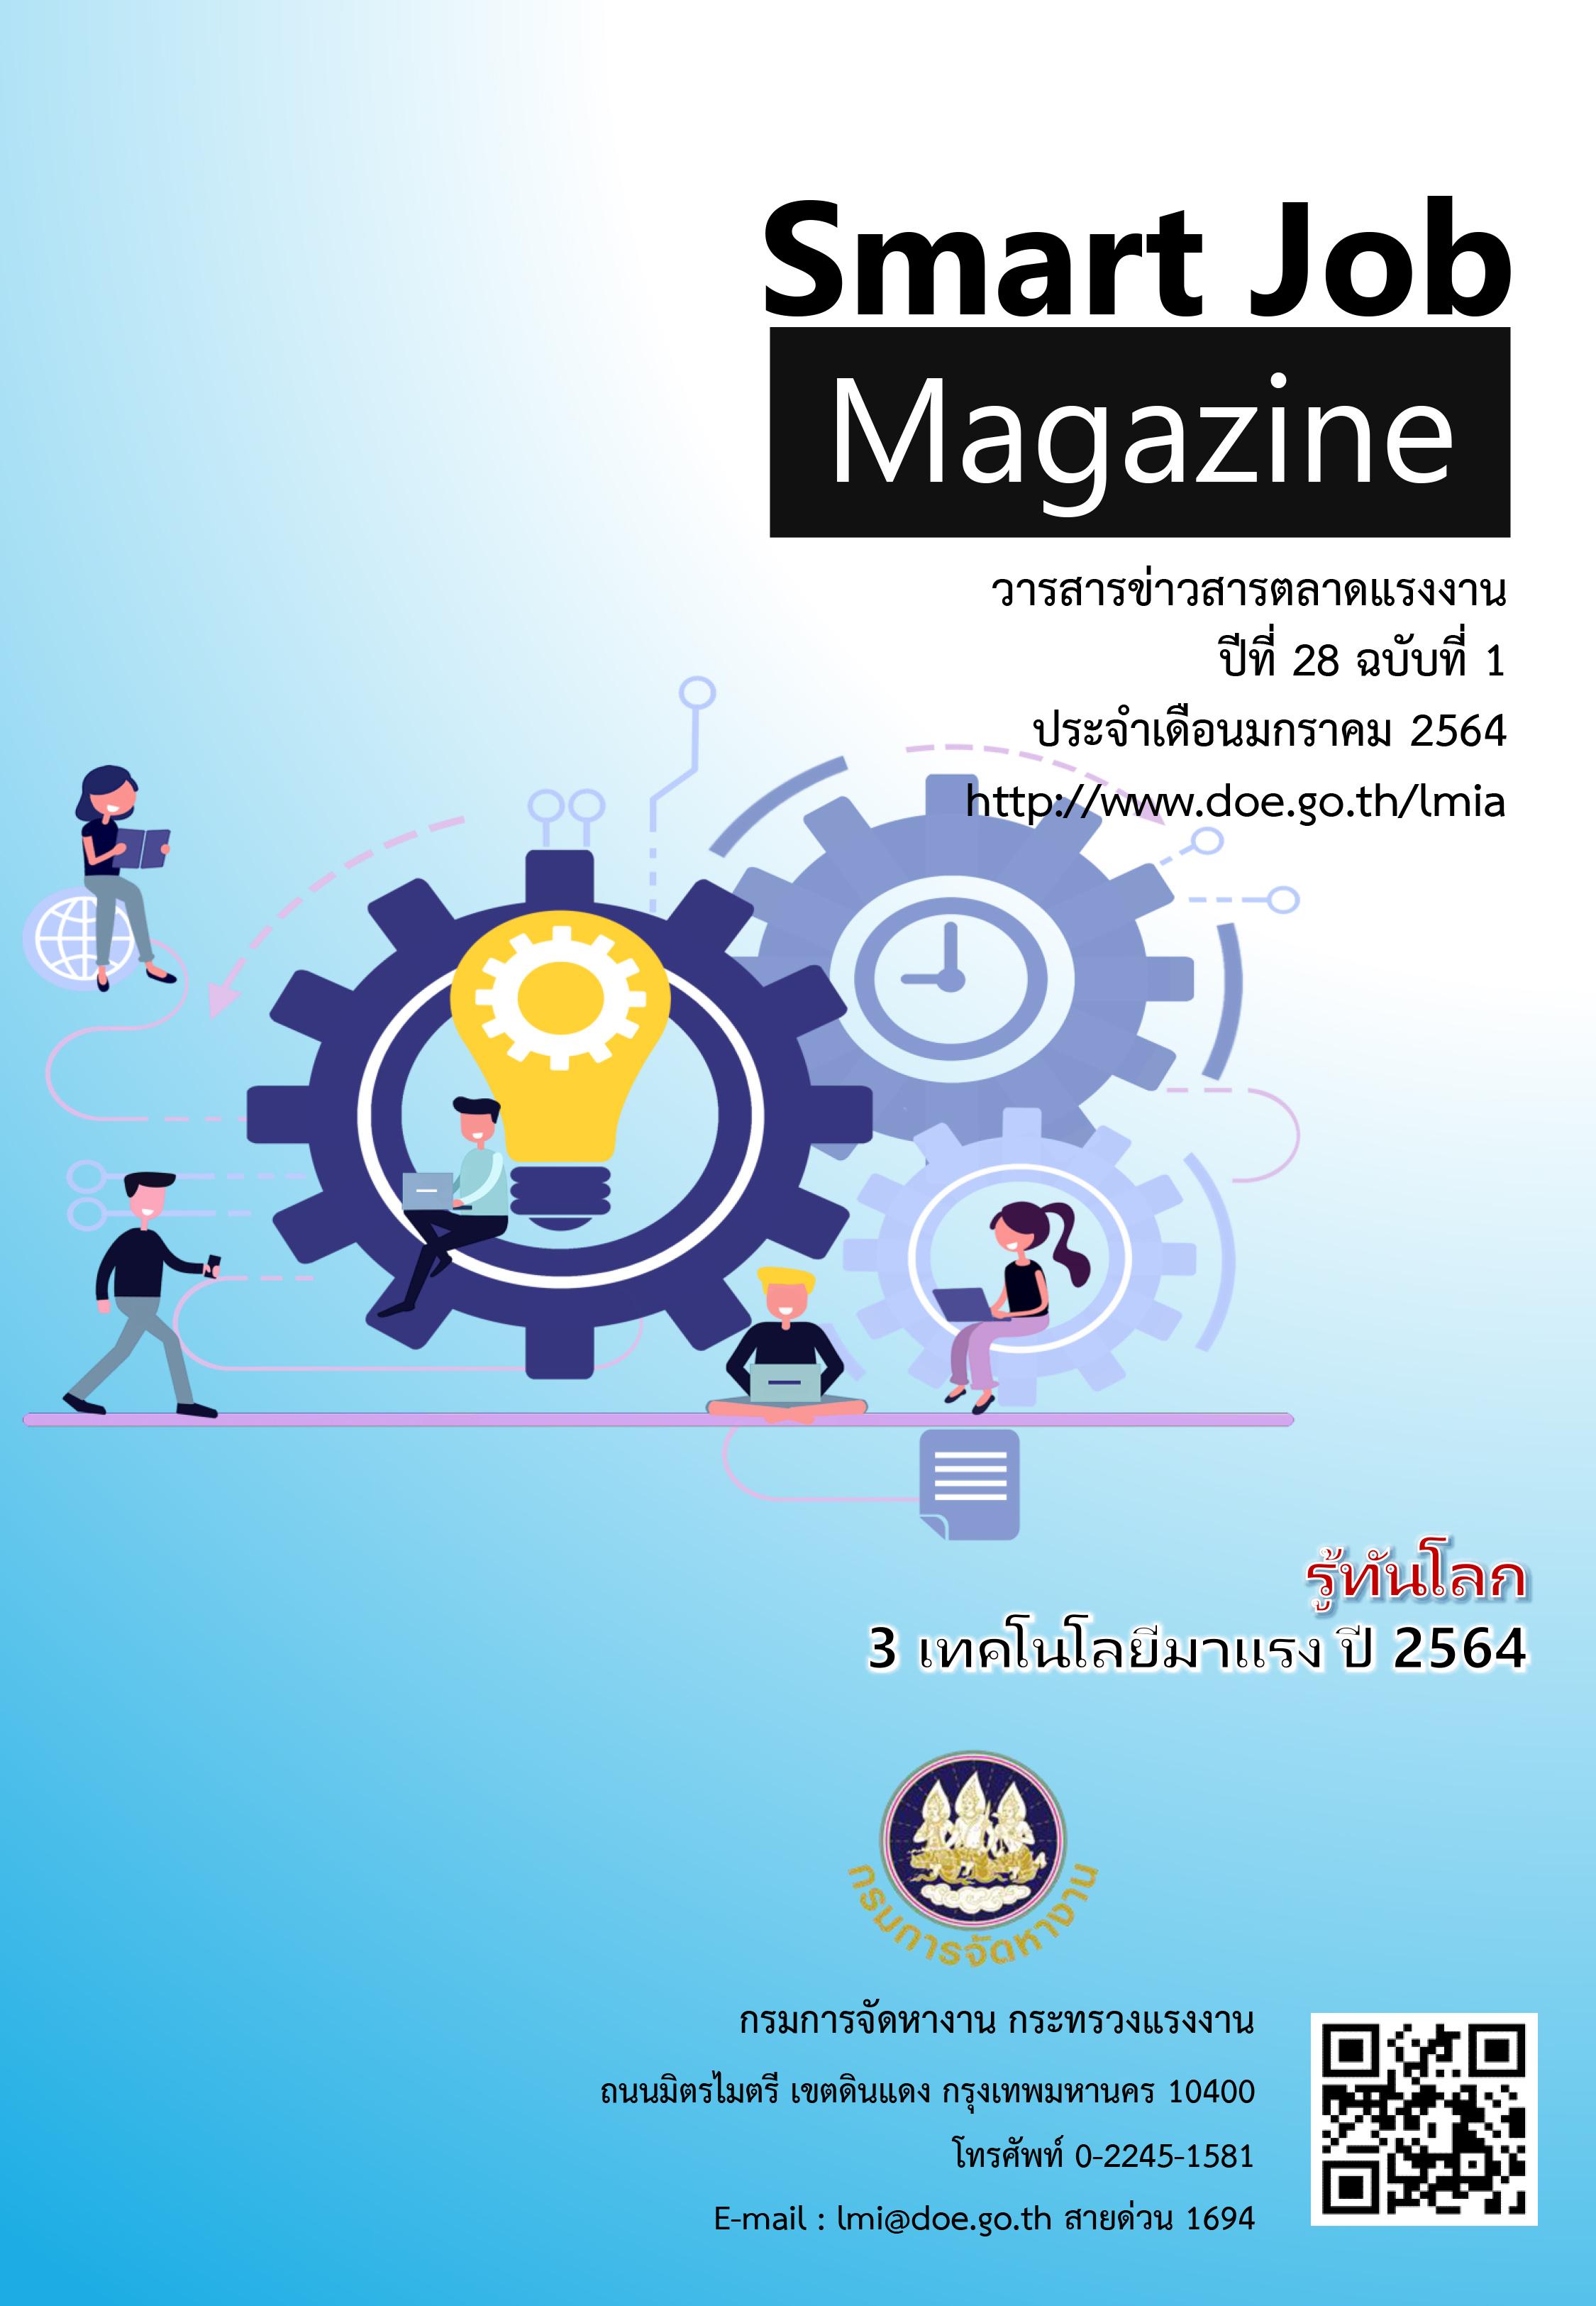 วารสารข่าวสารตลาดแรงงาน ปีที่ 28 ฉบับที่ 1 เดือนมกราคม 2564